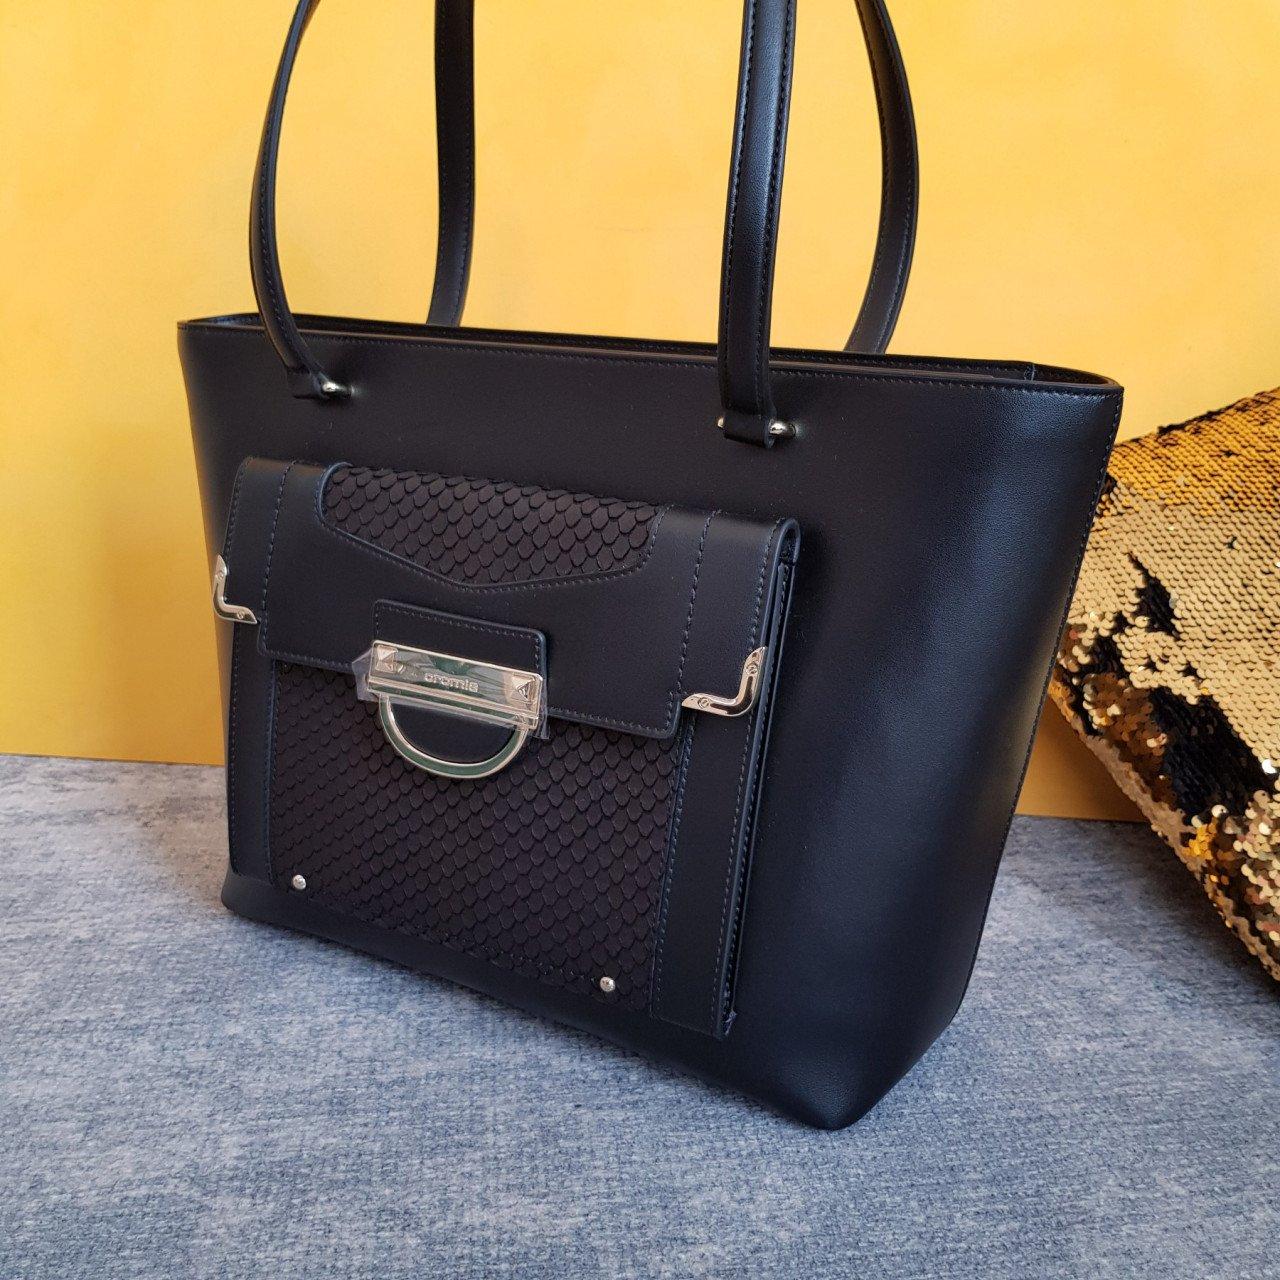 Женская кожаная сумка Cromia 1404890 NERO из натуральной кожи